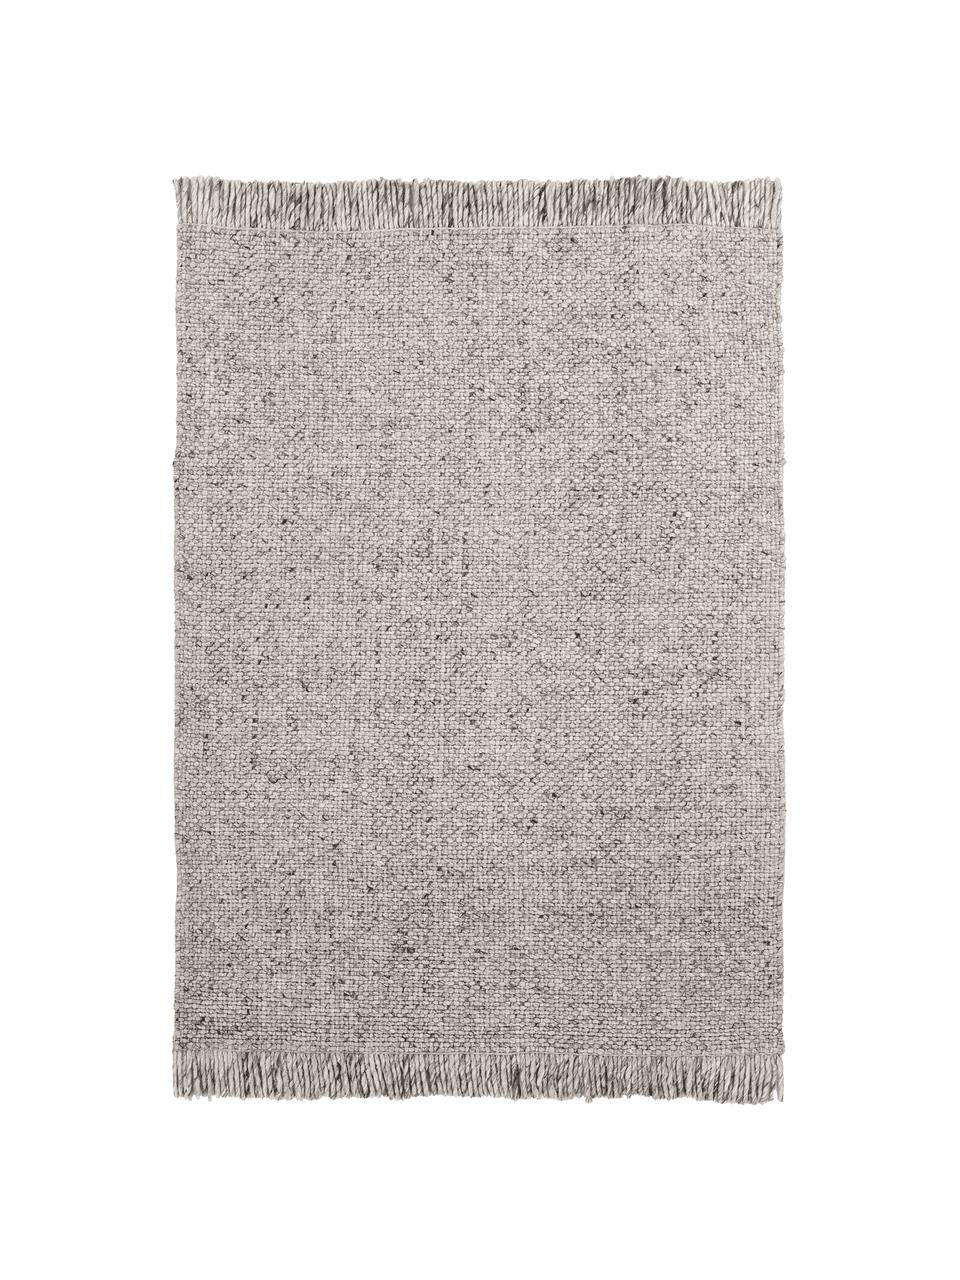 Tappeto in lana tessuto a mano grigio chiaro Eskil, Retro: 100% cotone Nel caso dei , Grigio maculato, Larg. 120 x Lung. 170 cm (taglia S)